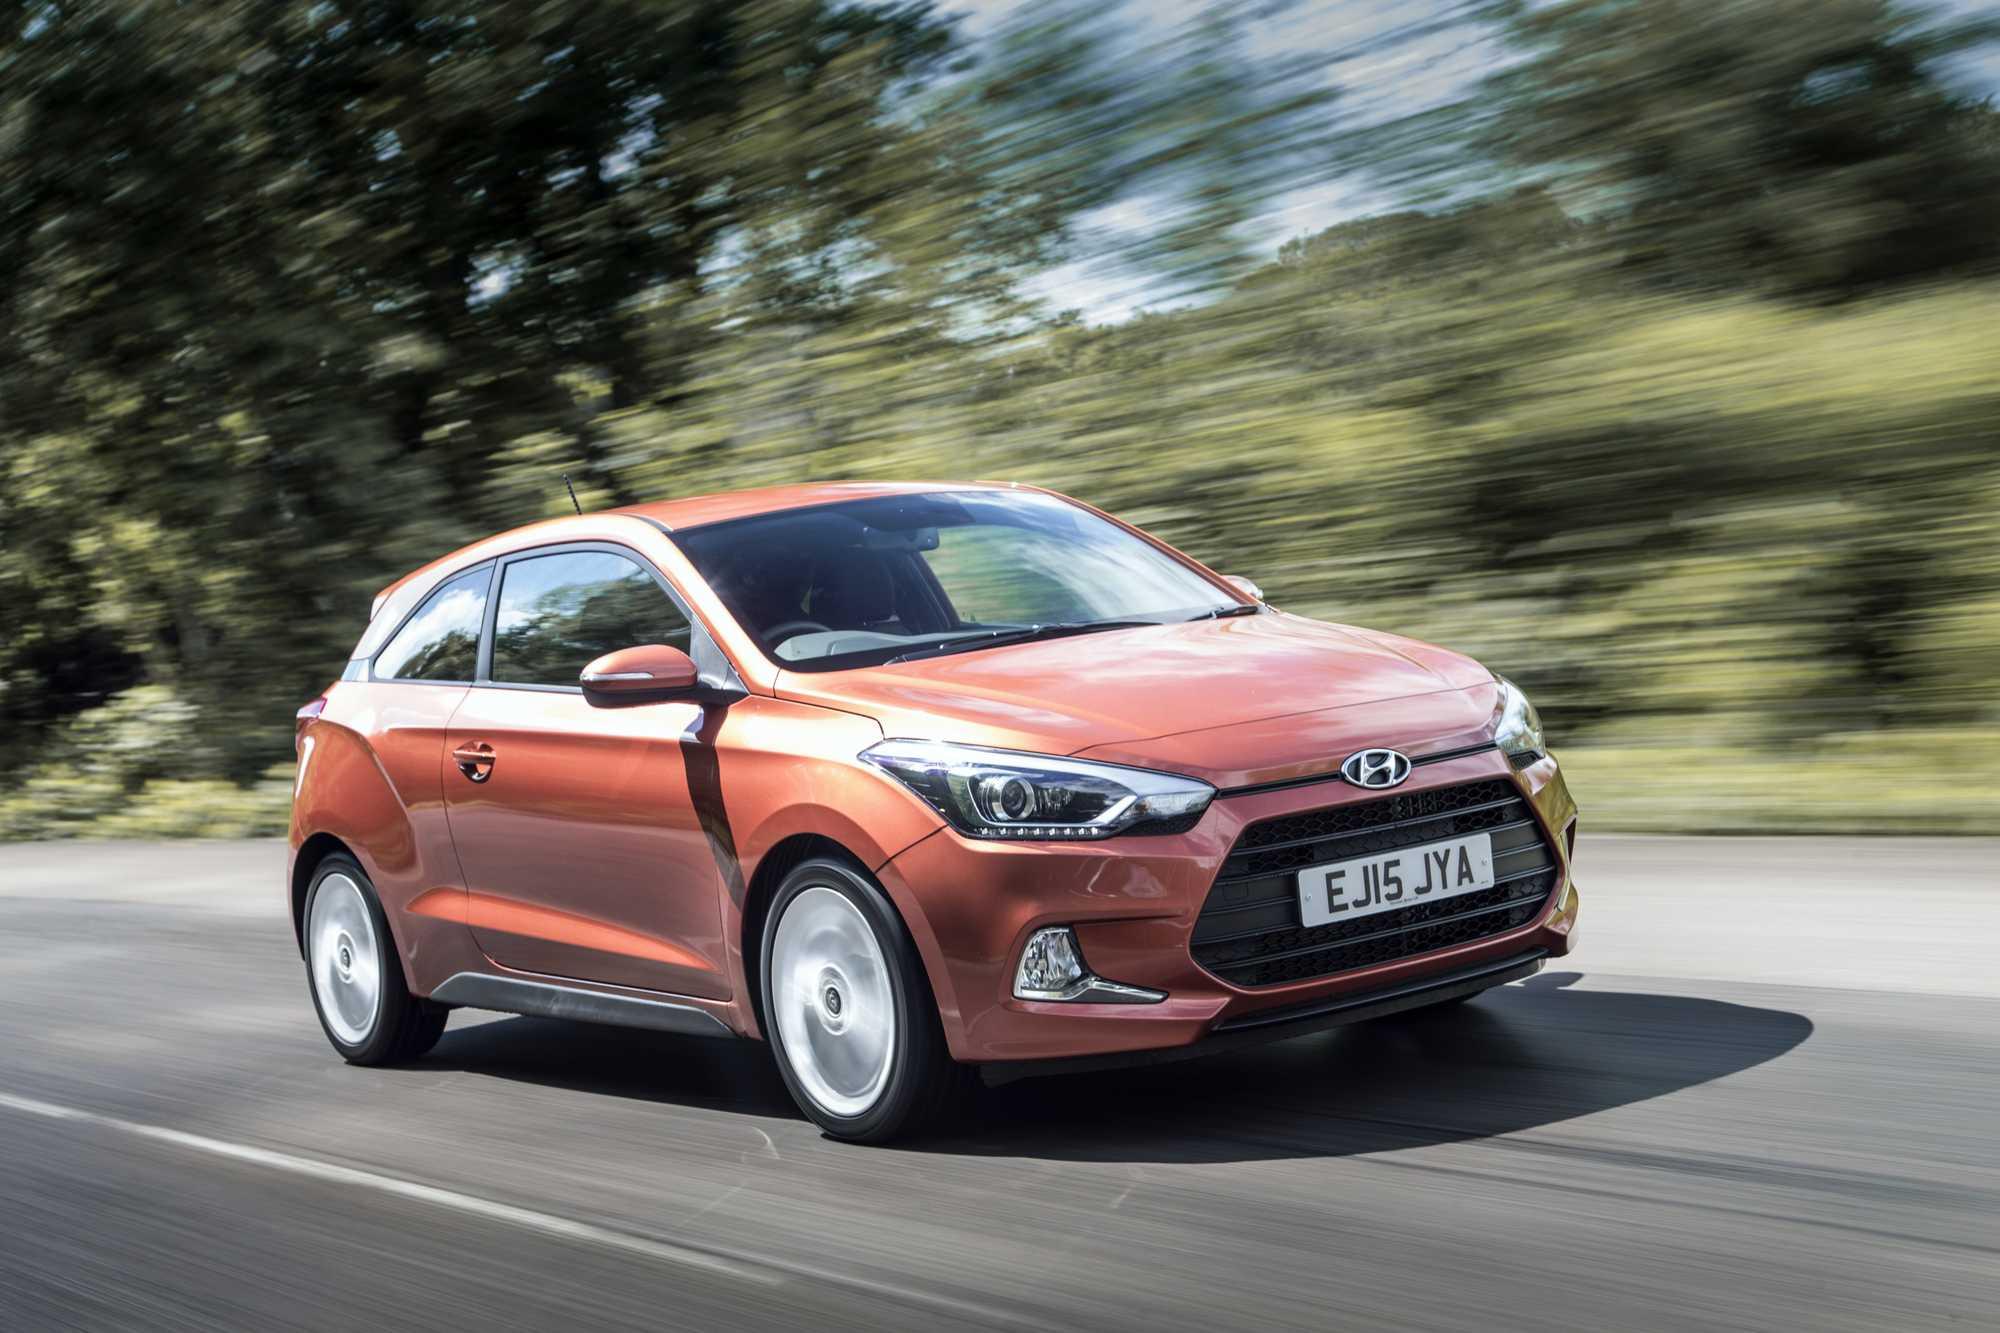 2016 Hyundai I20 Coupe 1.0 Litre Sport Nav Hatchback Review